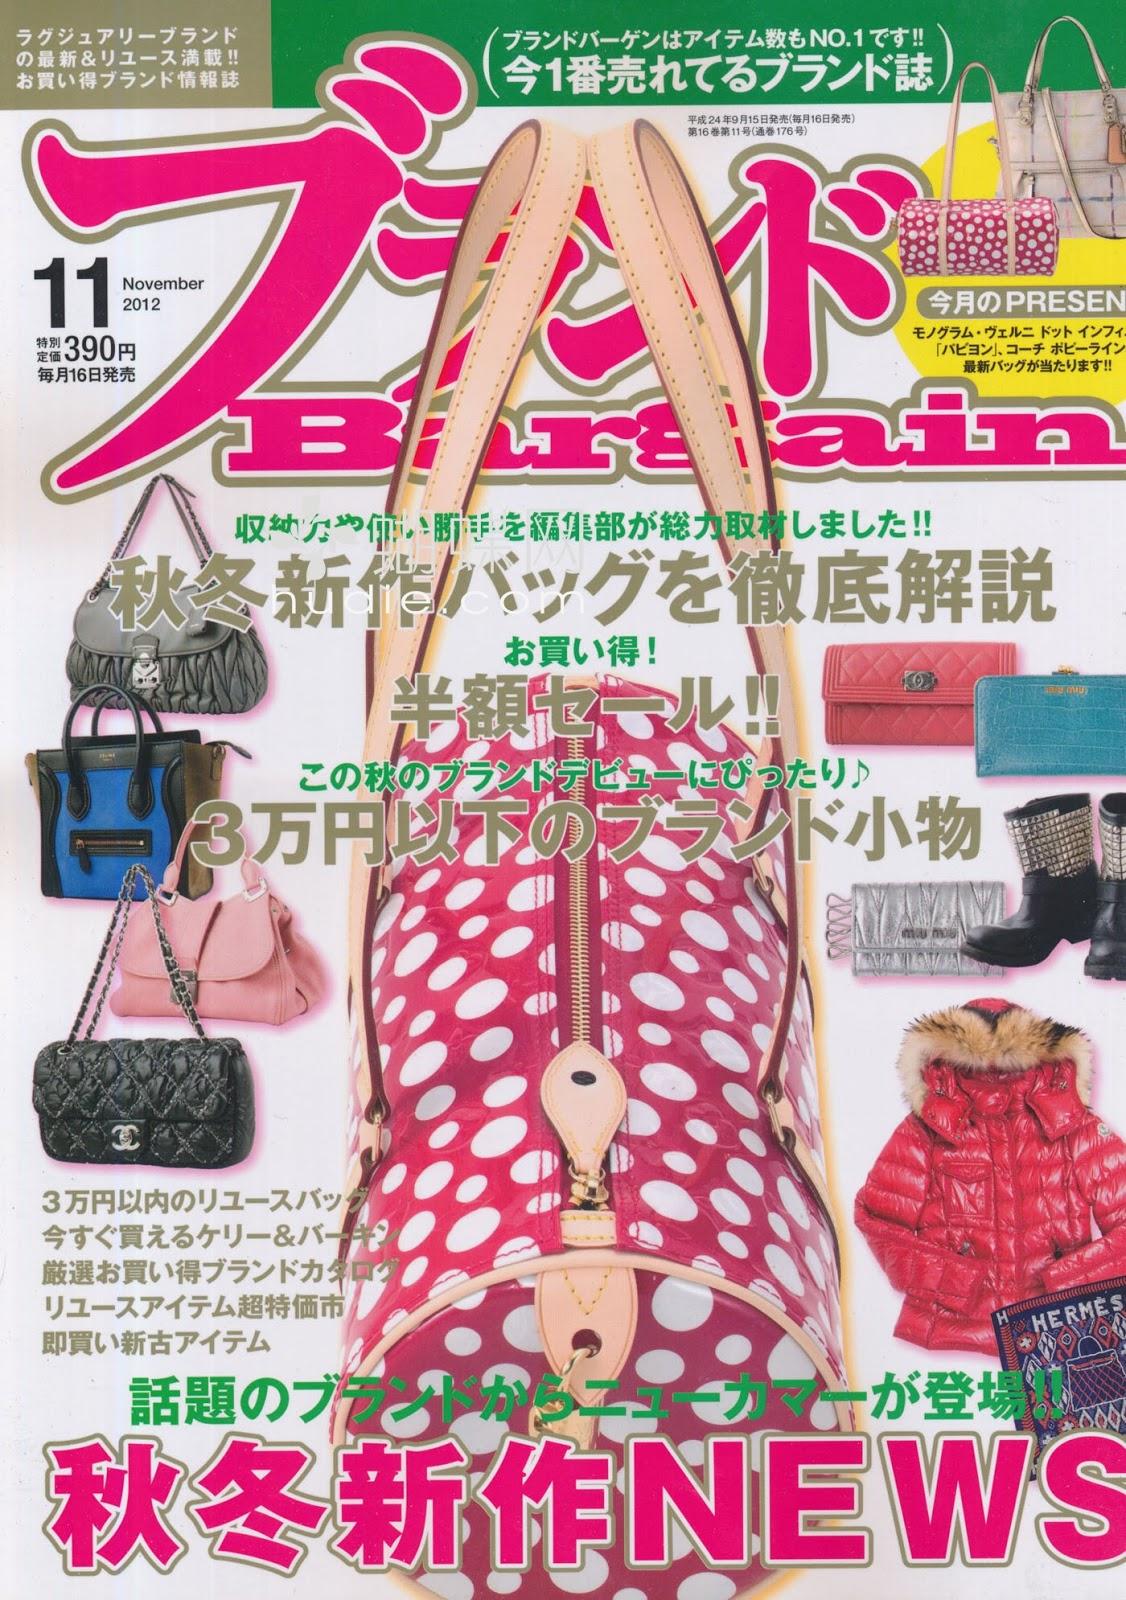 Bargain Brand (ブランドバーゲン) November 2012 japanese magazine scans